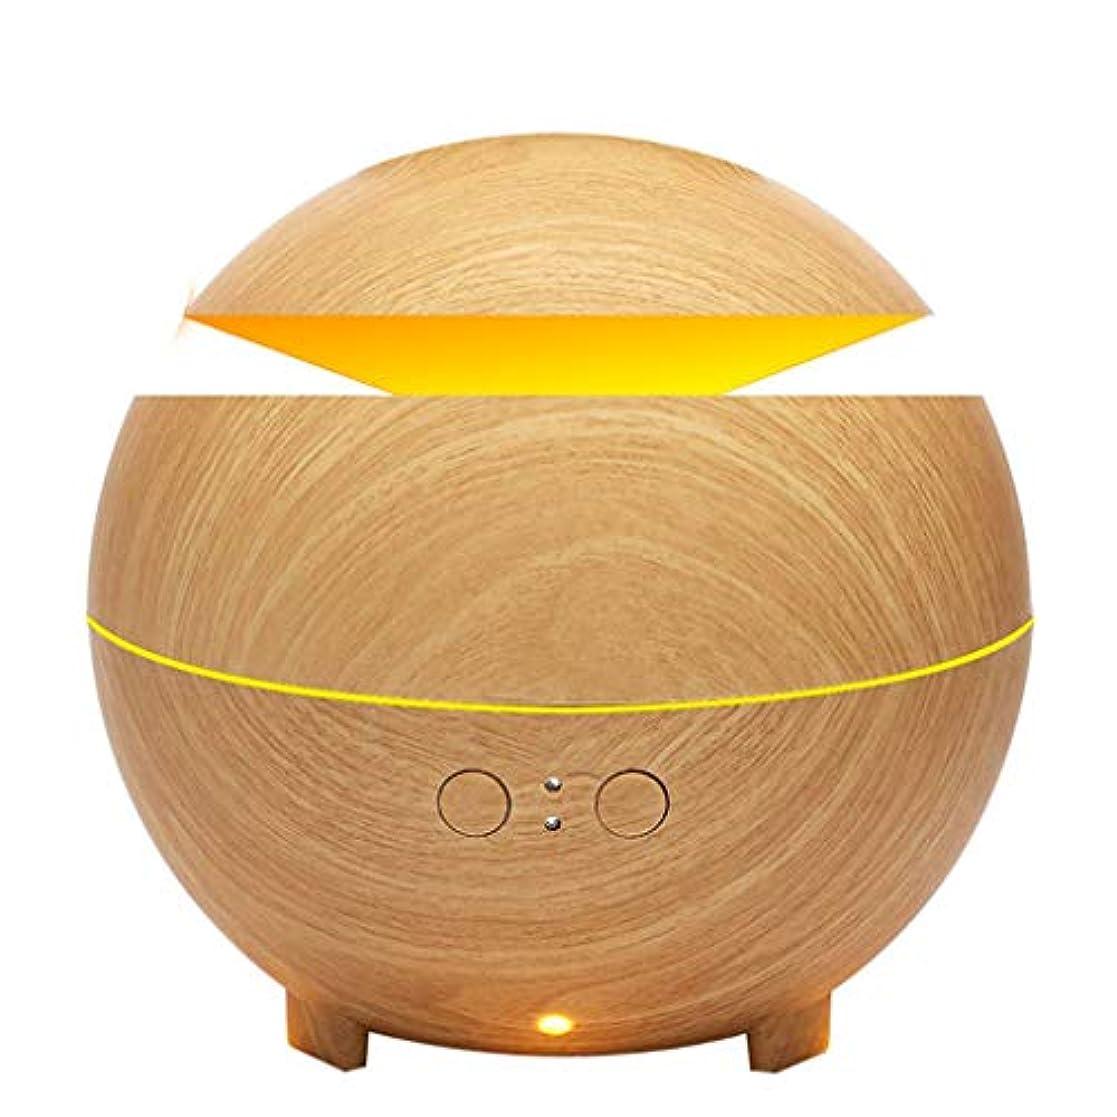 規模バーベキュー知的加湿器、ウッドグレイン超音波加湿器アロマテラピーマシン、usbサイレント寝室香ランププラグイン電気香、ライトウッドグレイン (色 : B)